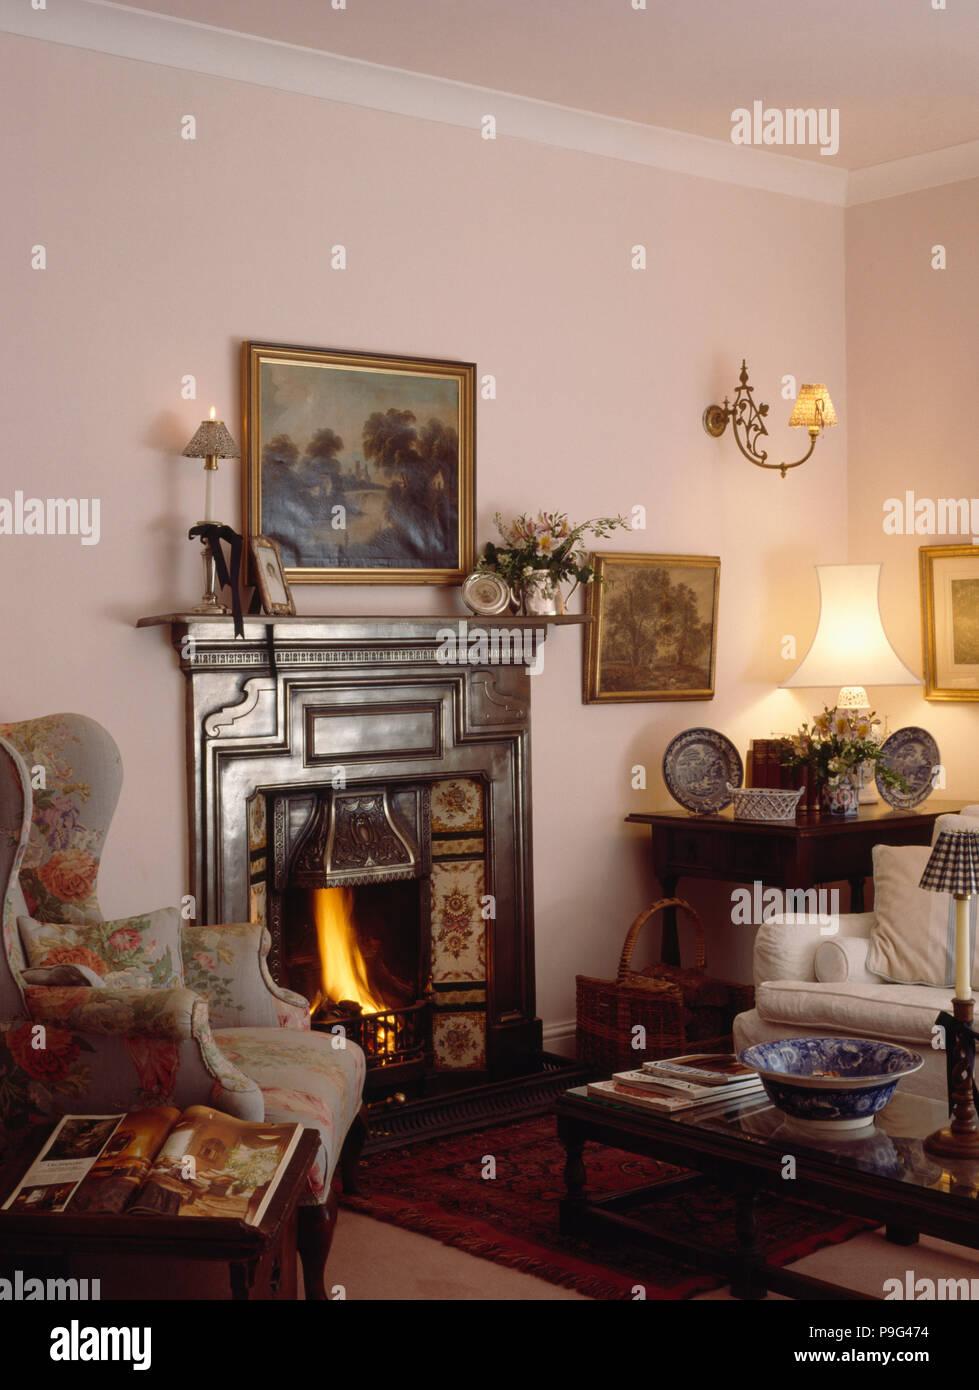 Ohrensessel Neben Brennenden Feuer In Schwarzen Gusseisernen  Viktorianischen Kamin Im Kleinen Wohnzimmer Mit Beleuchteten Lampe Am Tisch  In Der Ecke Der ...